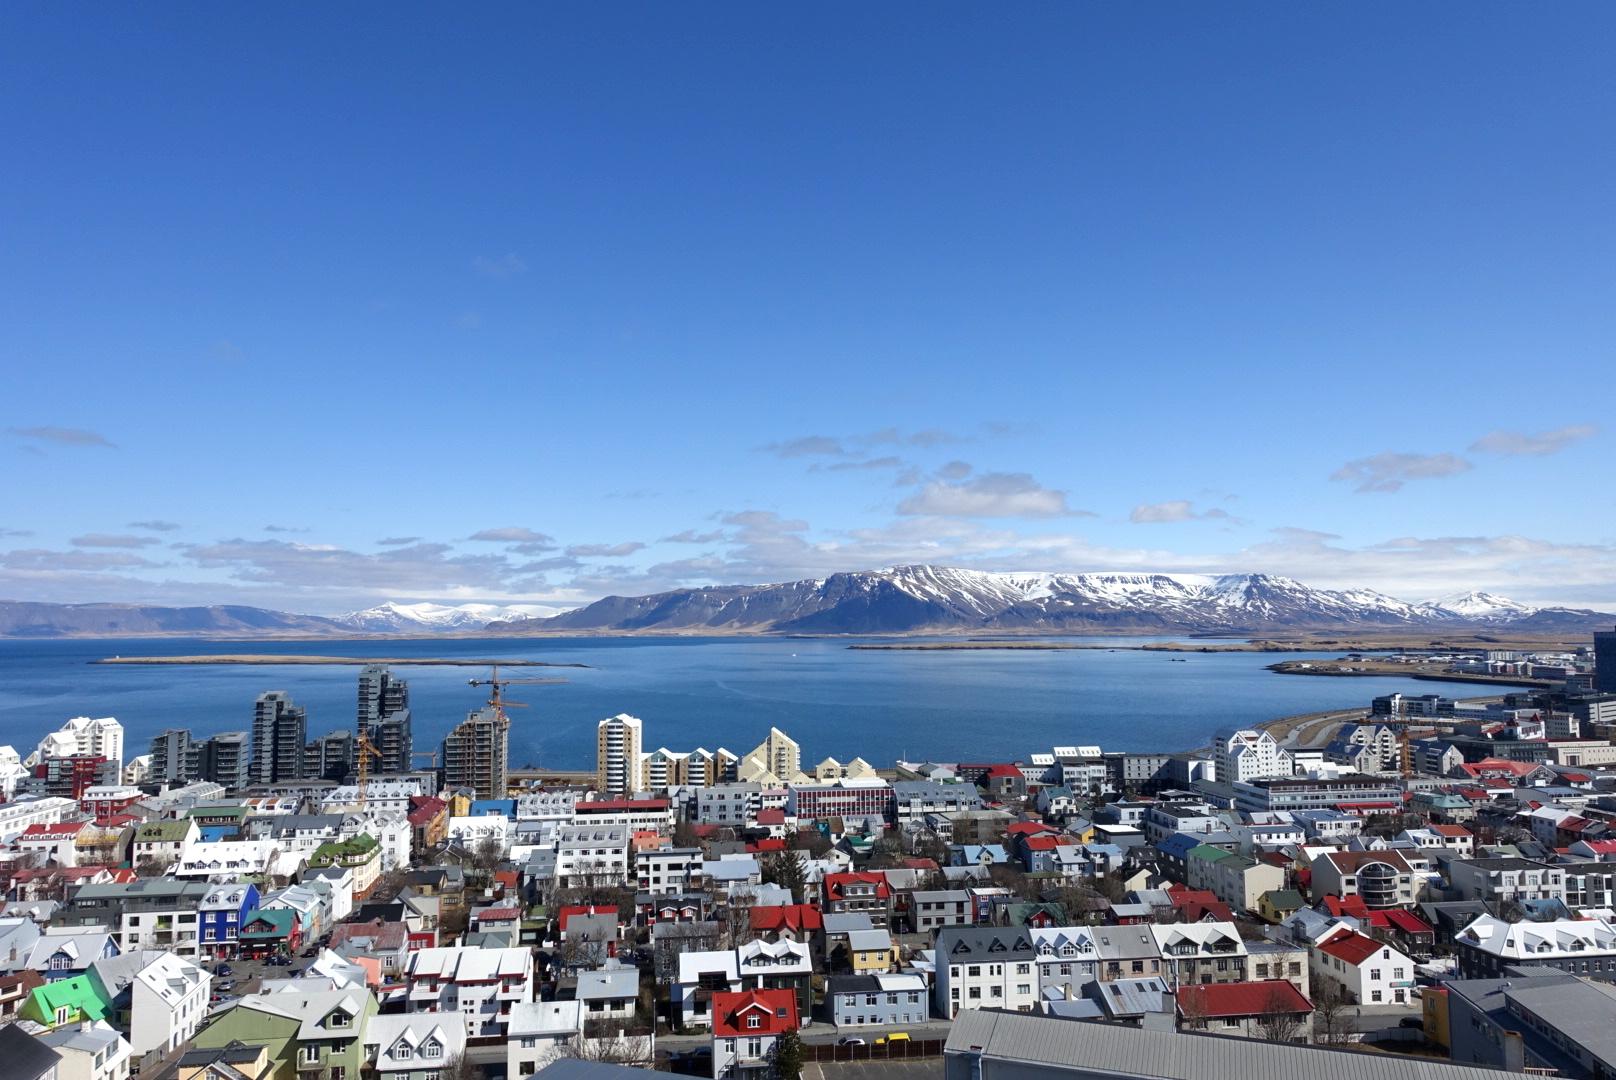 Die Berge im Hintergrund von Reykjavik begeistern alle, die die nördlichste Hauptstadt der Welt besuchen.